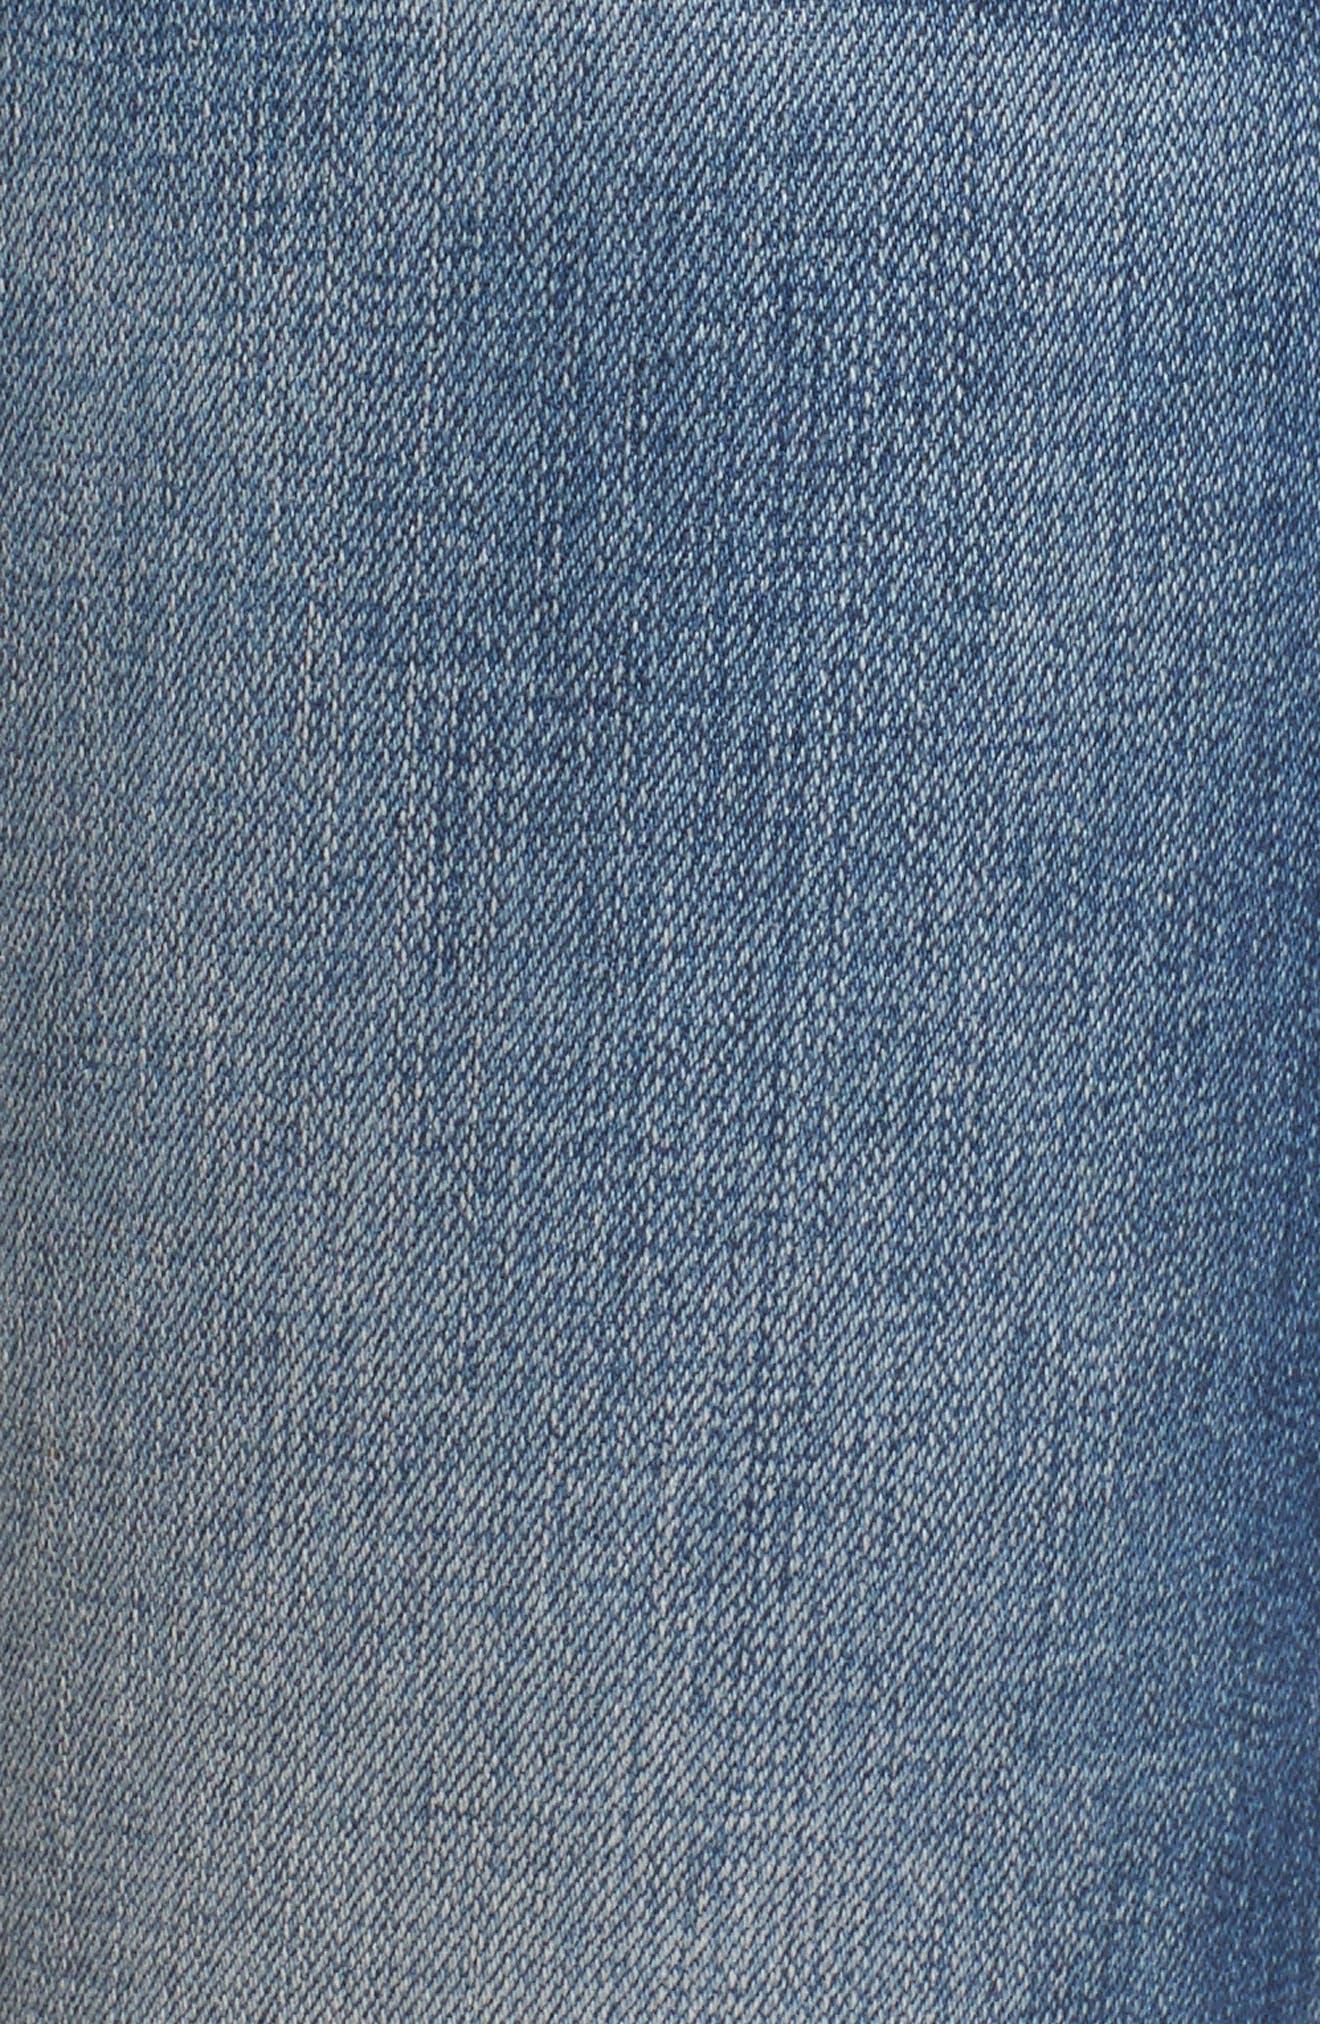 Alternate Image 5  - SLINK Jeans Frayed Hem Crop Jeans (Caralyn)